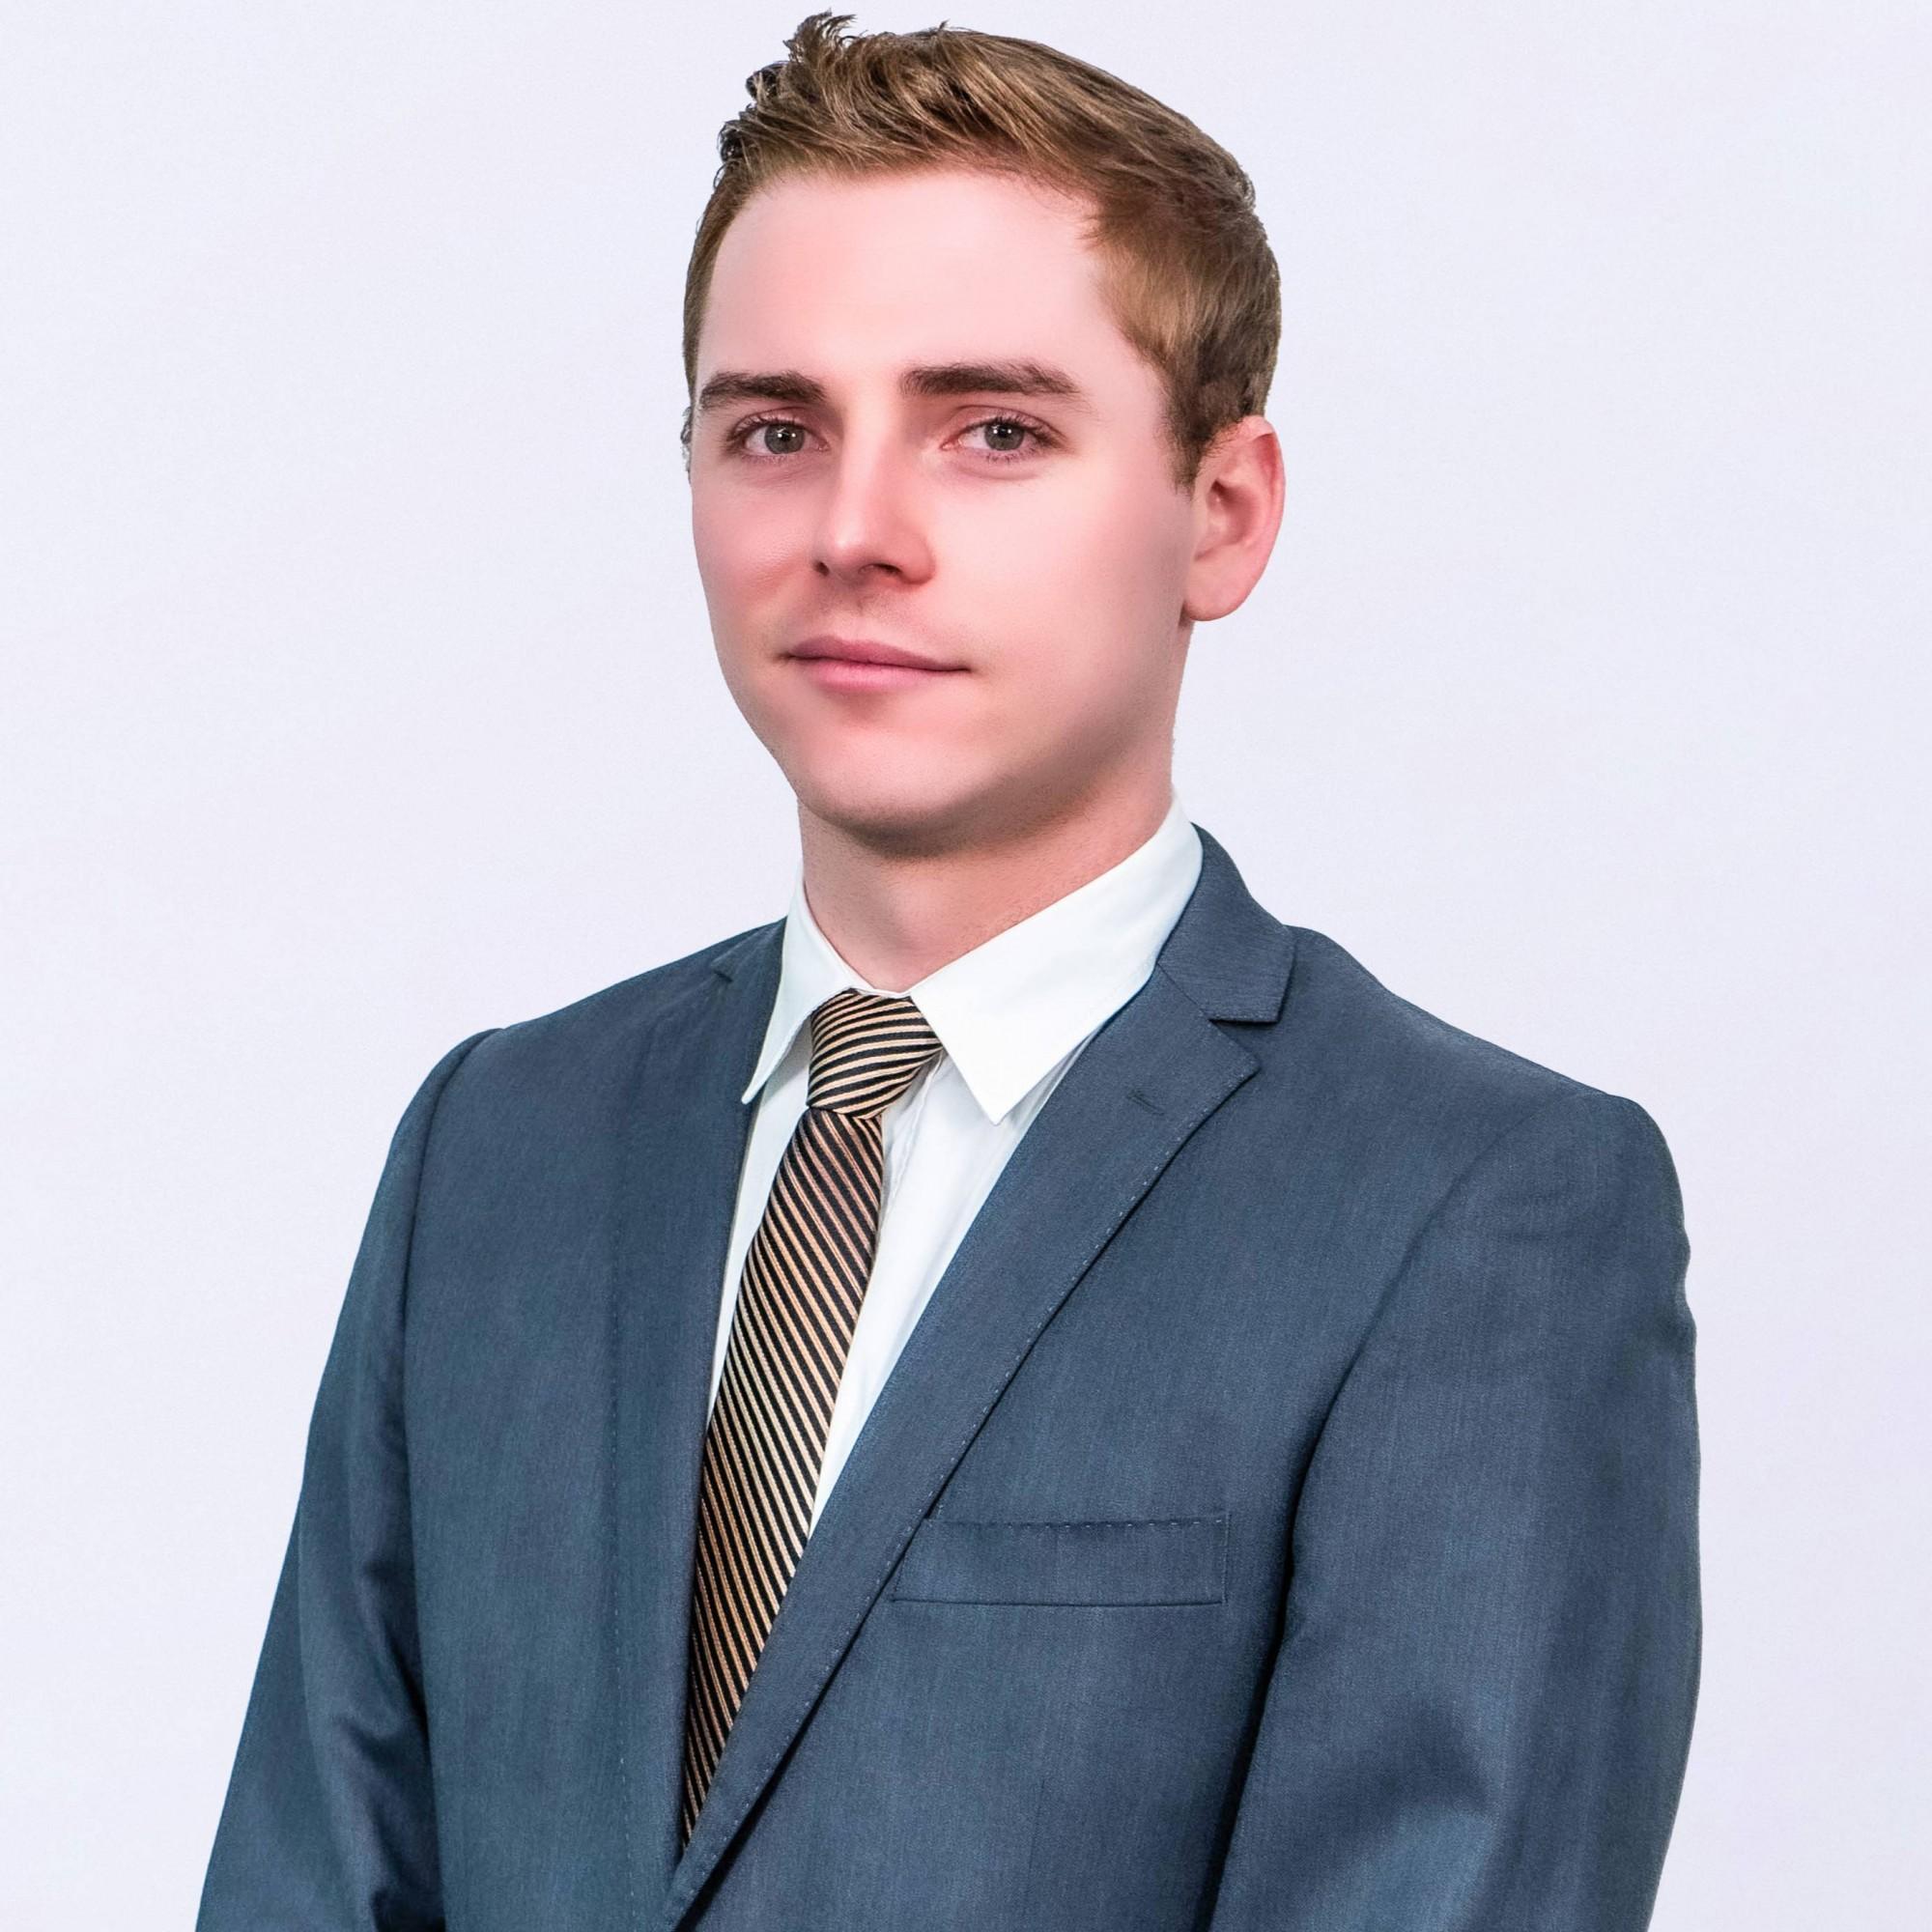 Jacob Kryway